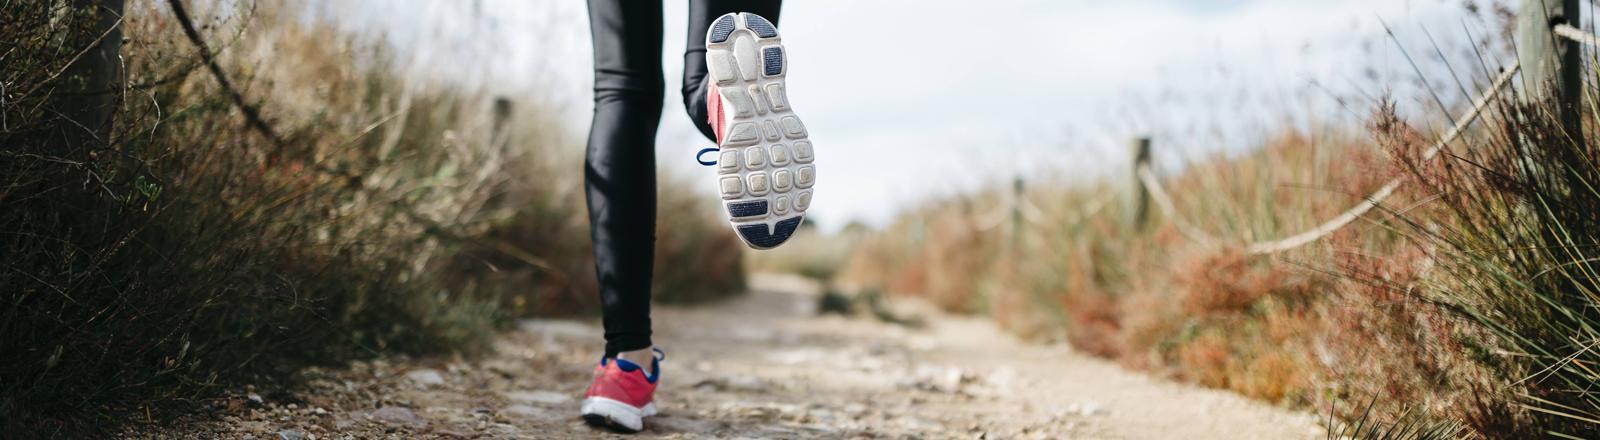 Eine Frau läuft auf einem Sandweg, die Schuhsohle des Laufschuhs ist deutlich erkennbar